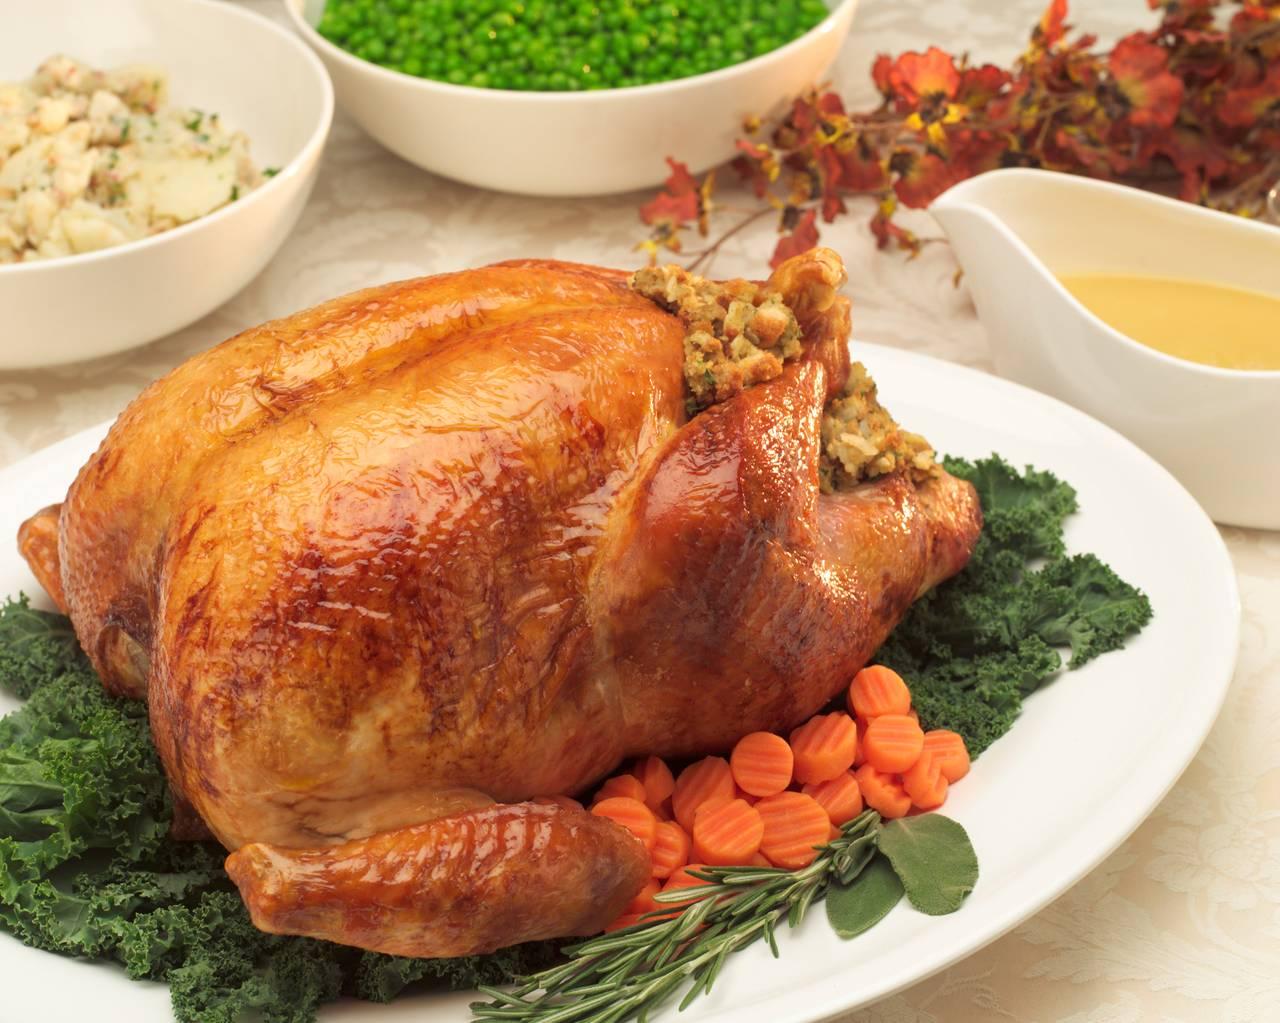 12月になると食べたくなる☆おしゃれで心が温まるクリスマスの食べ物のサムネイル画像